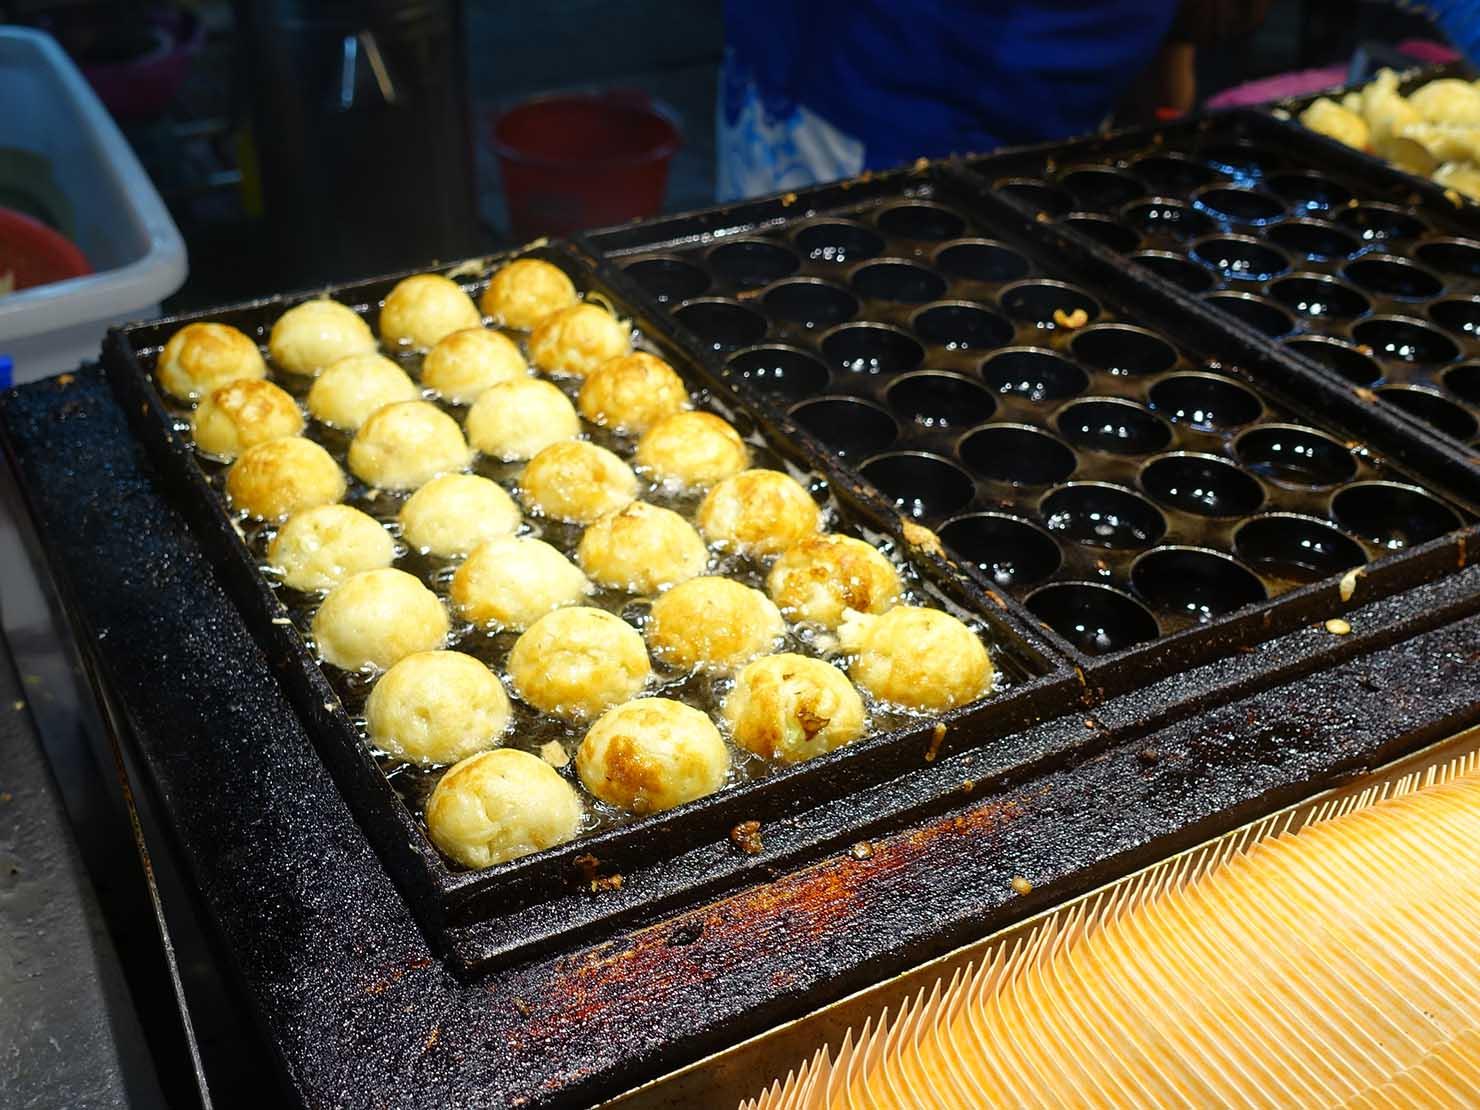 台湾の夜市で食べられる日本グルメ「章魚燒(たこ焼き)」屋台の鉄板